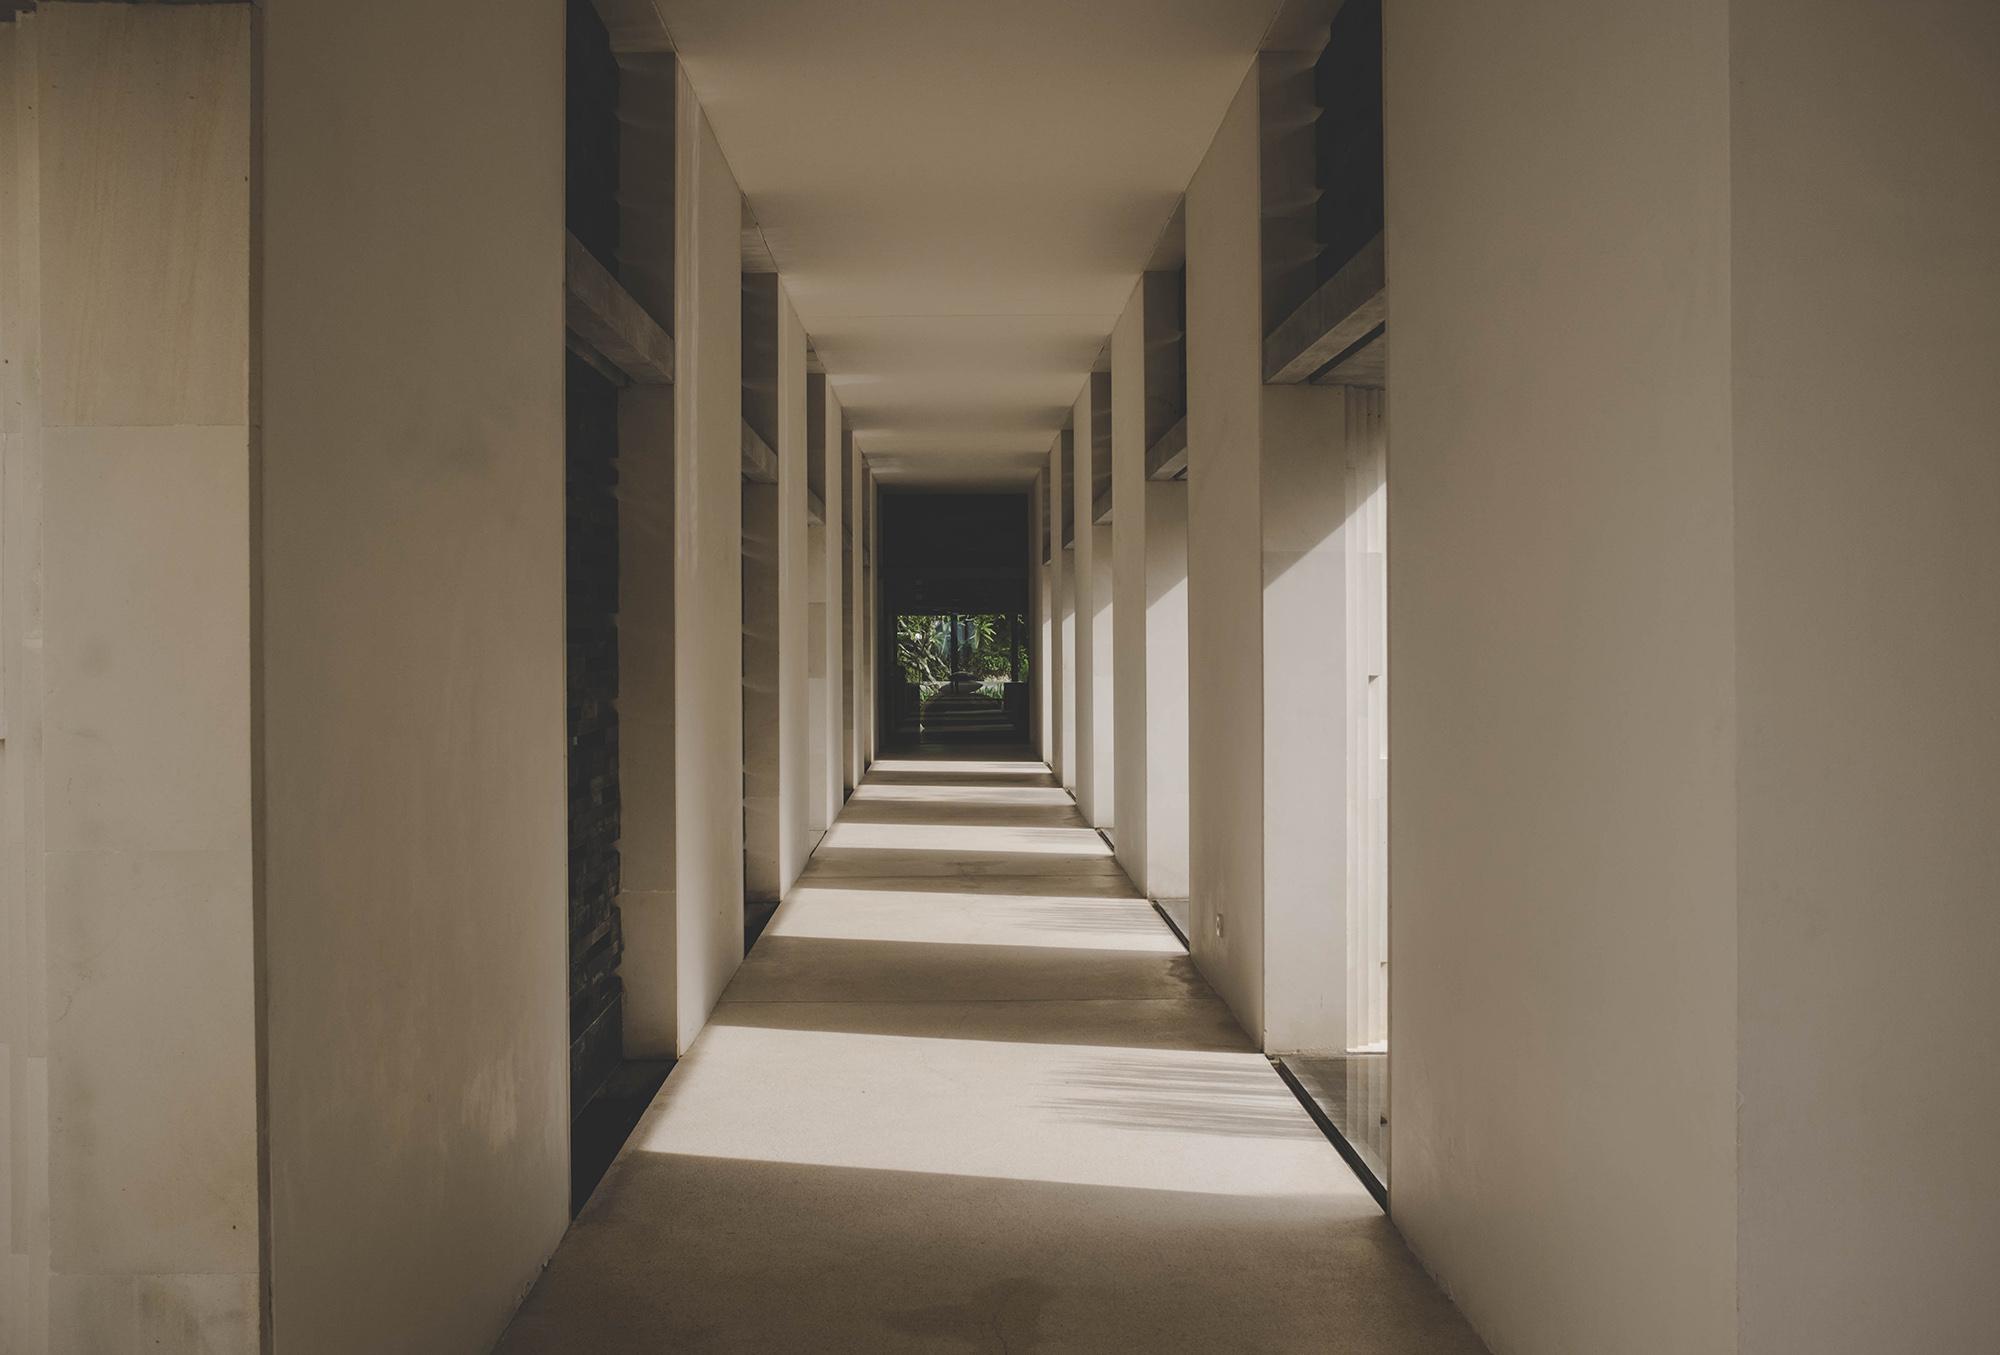 2017-04-Alila-Villas-Uluwatu - alila-villas-uluwatu-bali-nectarandpulse-architecture-27.jpg